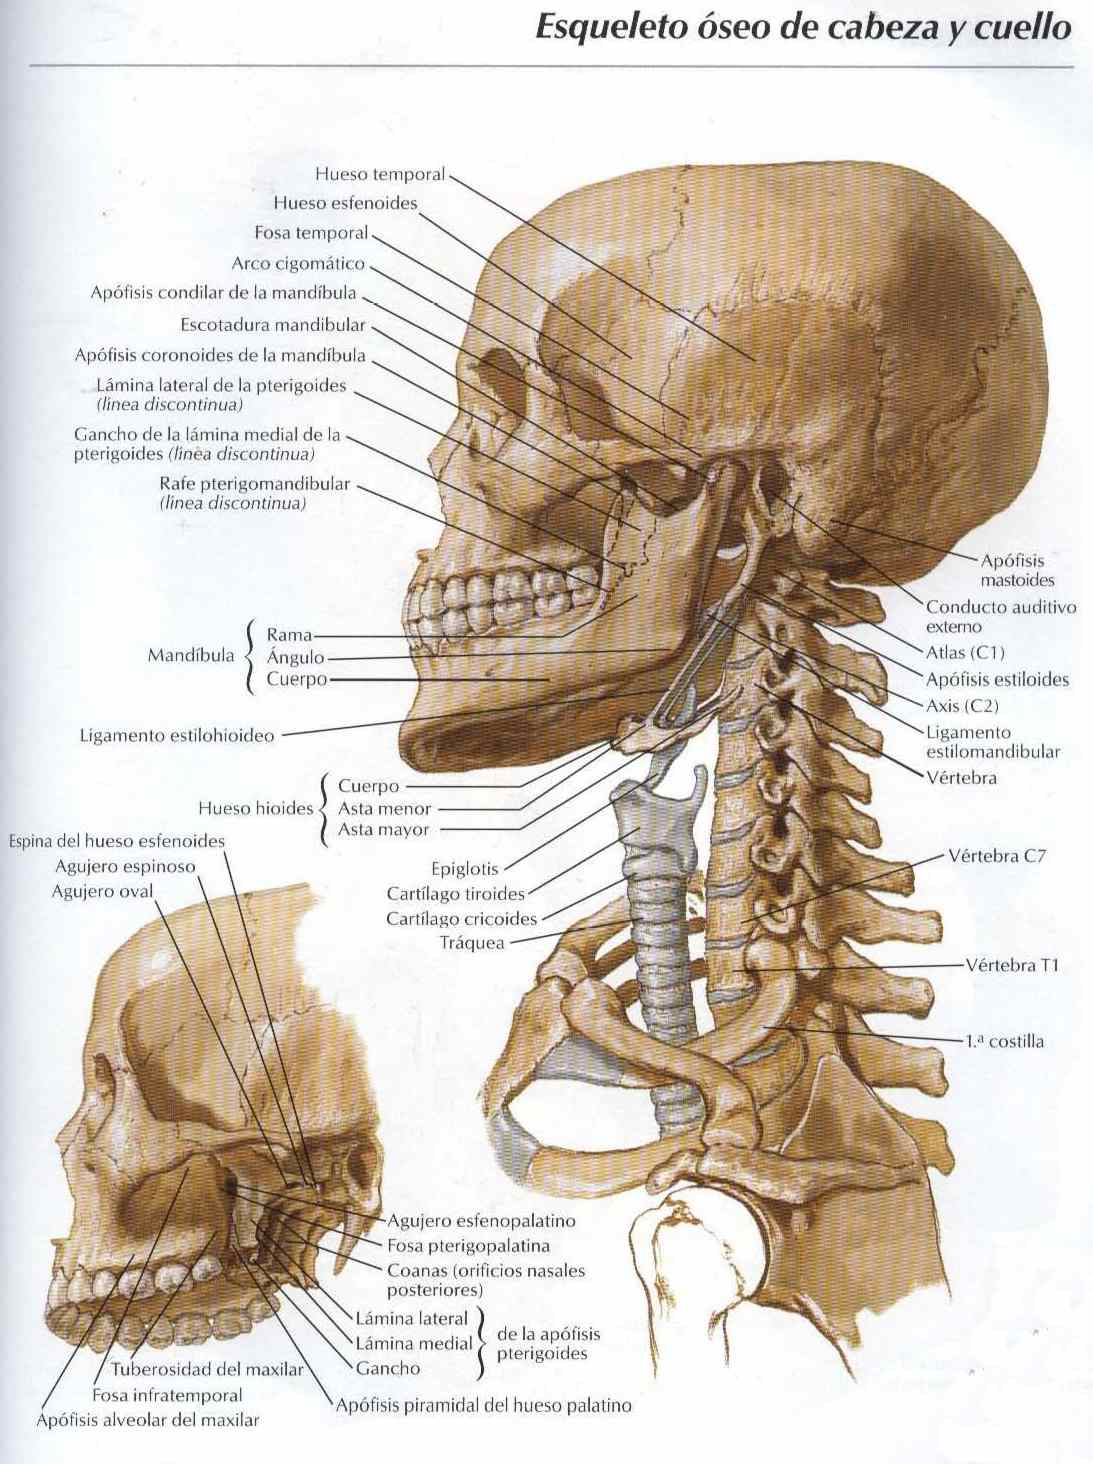 Esqueleto oseo de cabeza y cuello - Salud, vida sana, la medicina ...